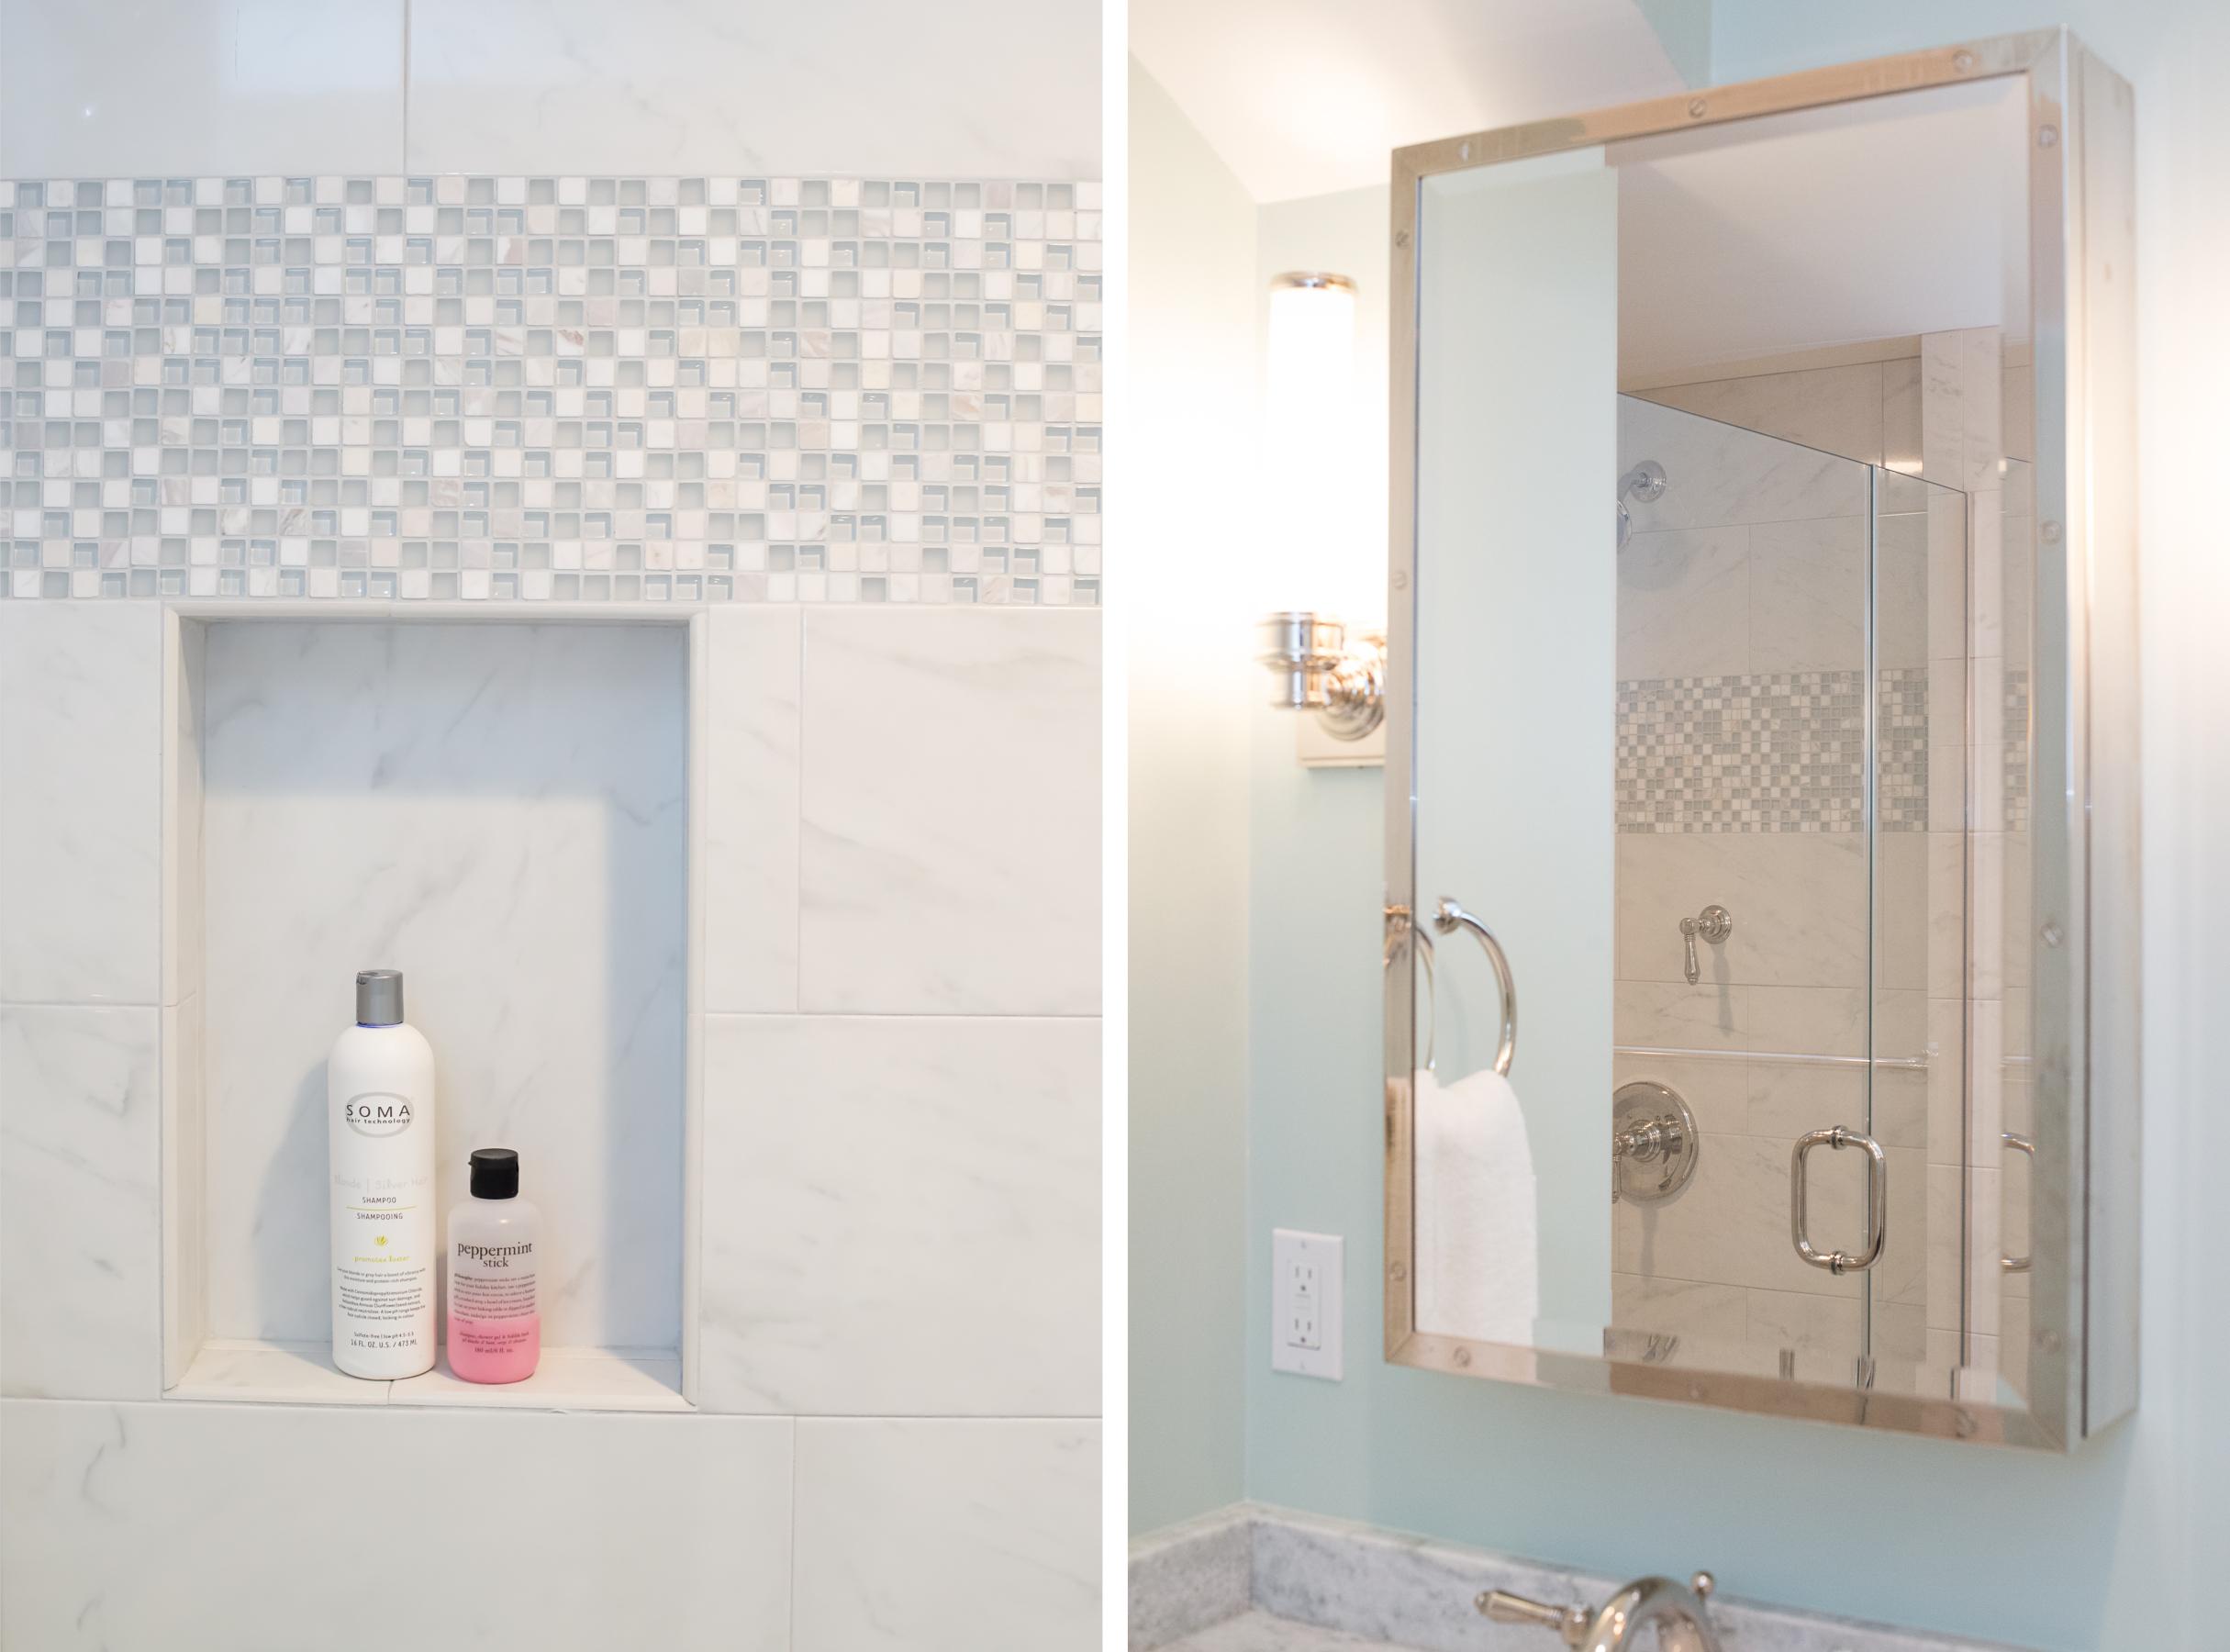 BR 2 mirror collage.jpg